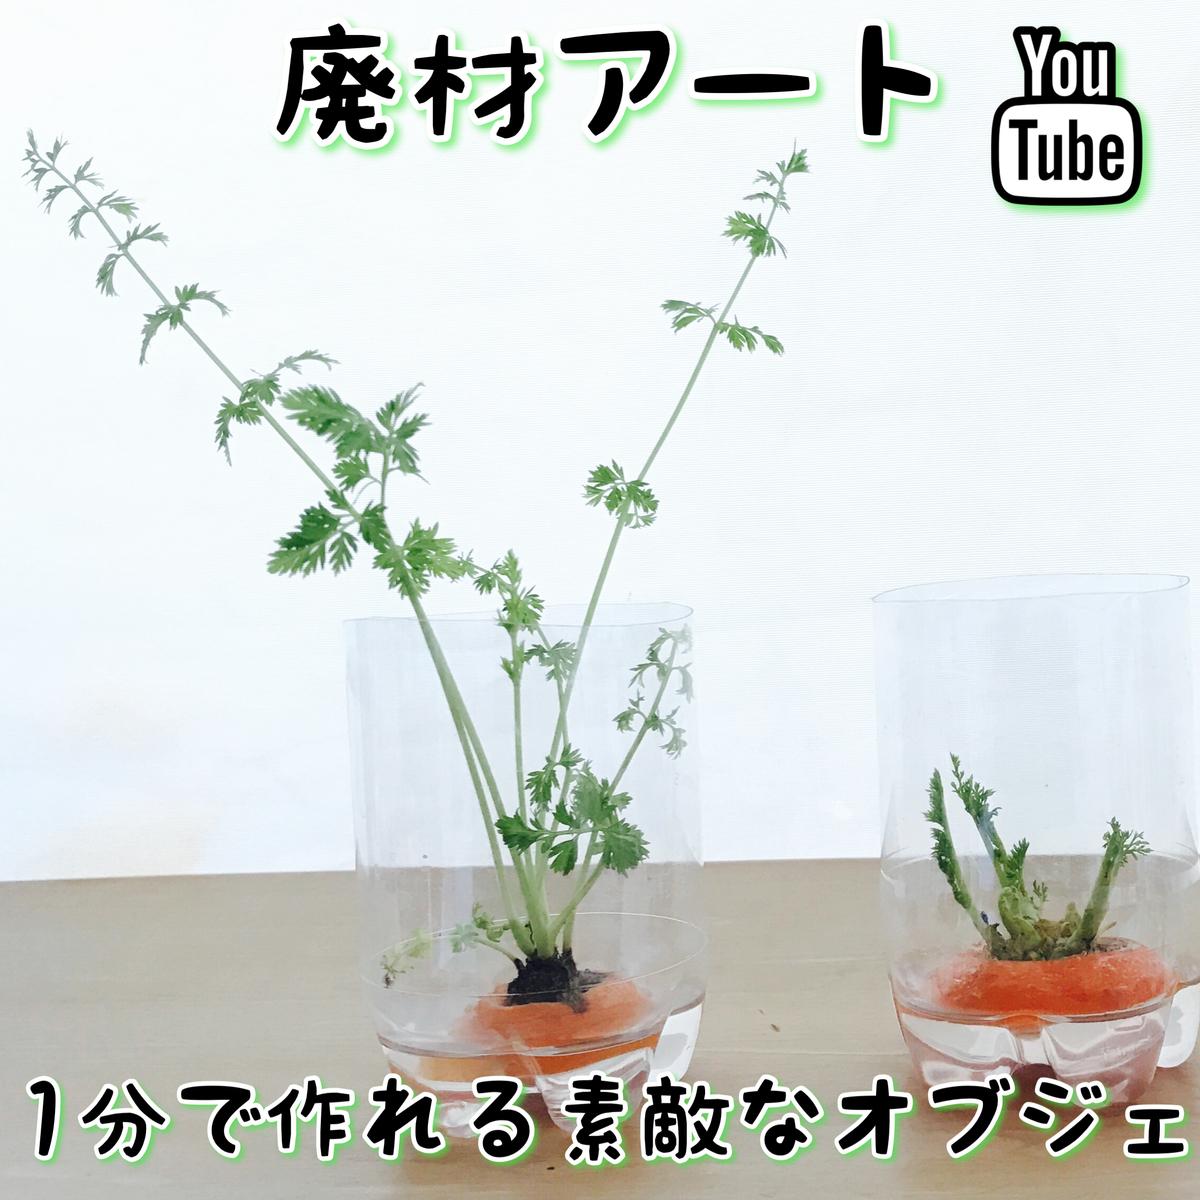 f:id:oryokobo:20210416213325j:plain